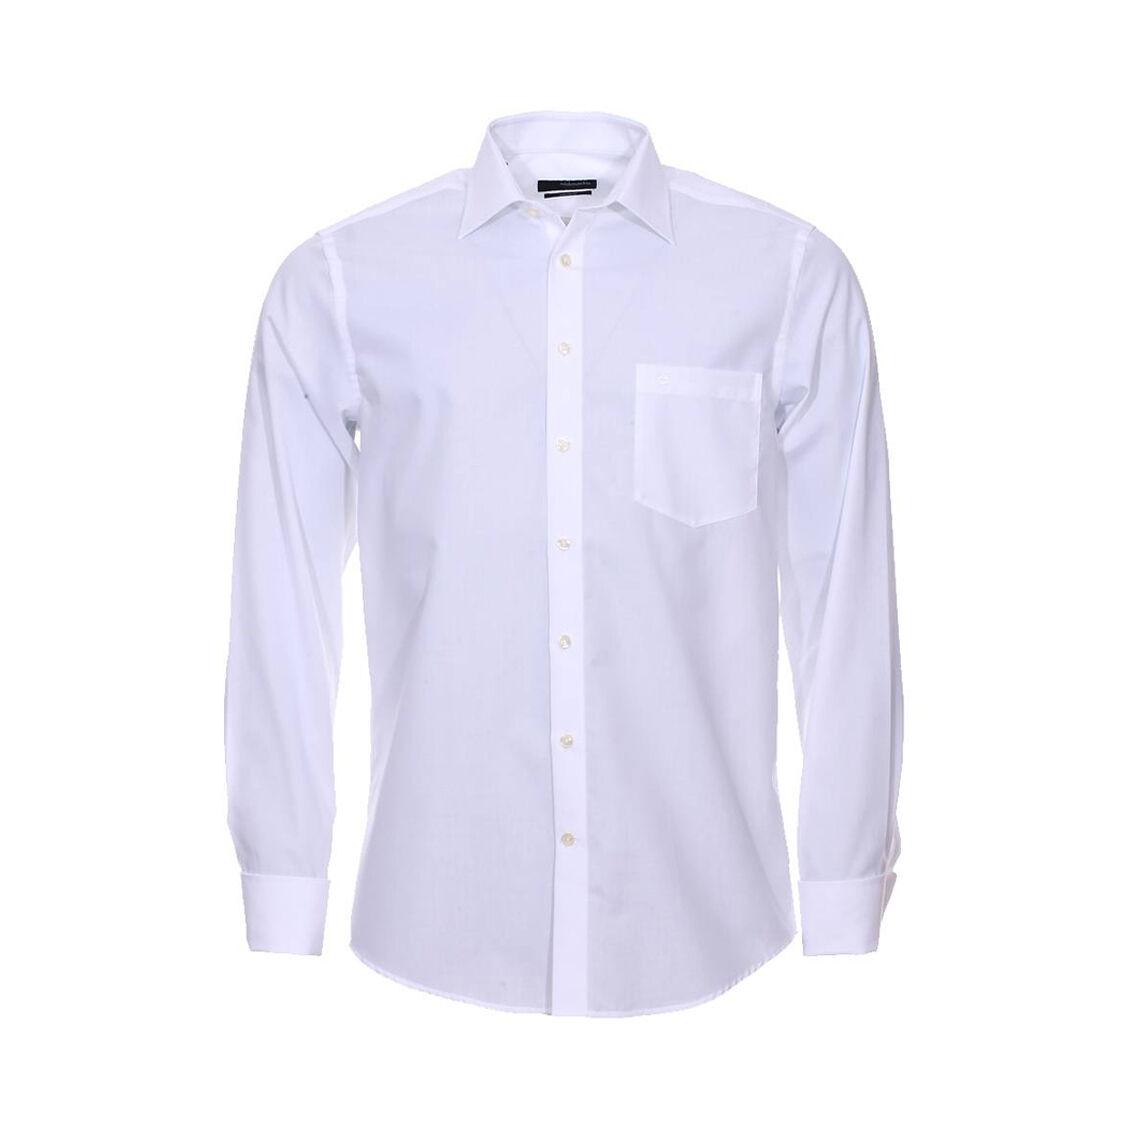 Seidensticker Chemise droite Seidensticker en coton blanc à poignets mousquetaires Sans repassage - BLANC -